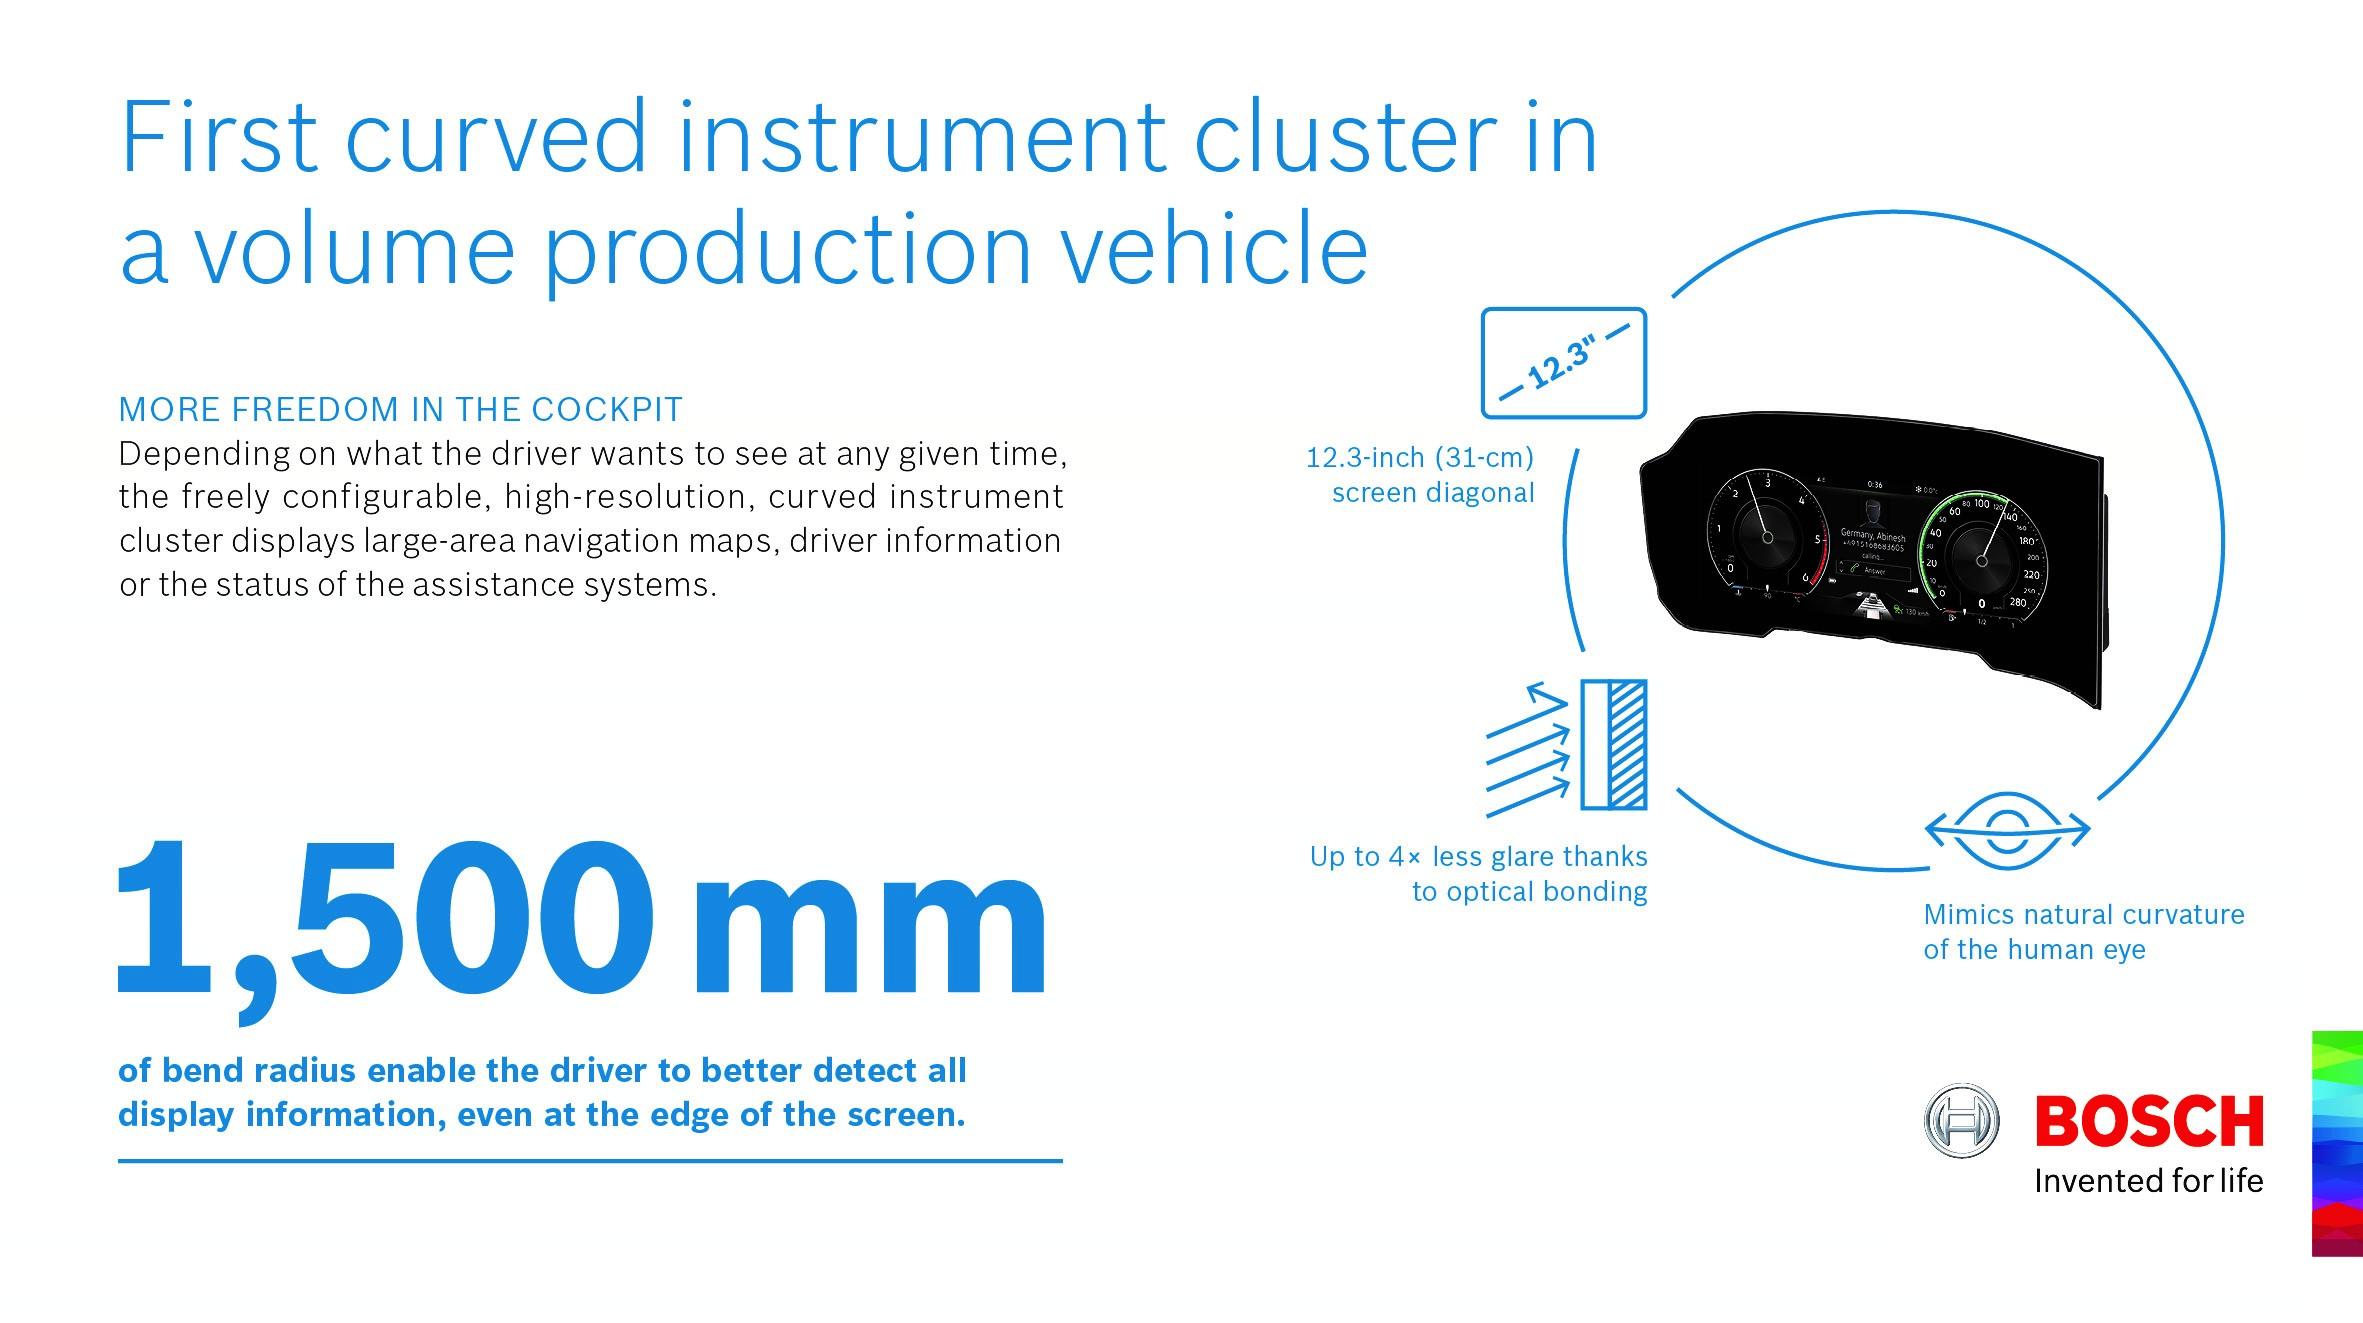 Výrobci chtějí v kokpitu stále více upouštět od mechanických spínačů, tlačítek a ovládačů. Naopak velké monitory jsou na seznamu požadavků úplně nahoře – tak jako i zahnutý přístrojový panel Bosch.